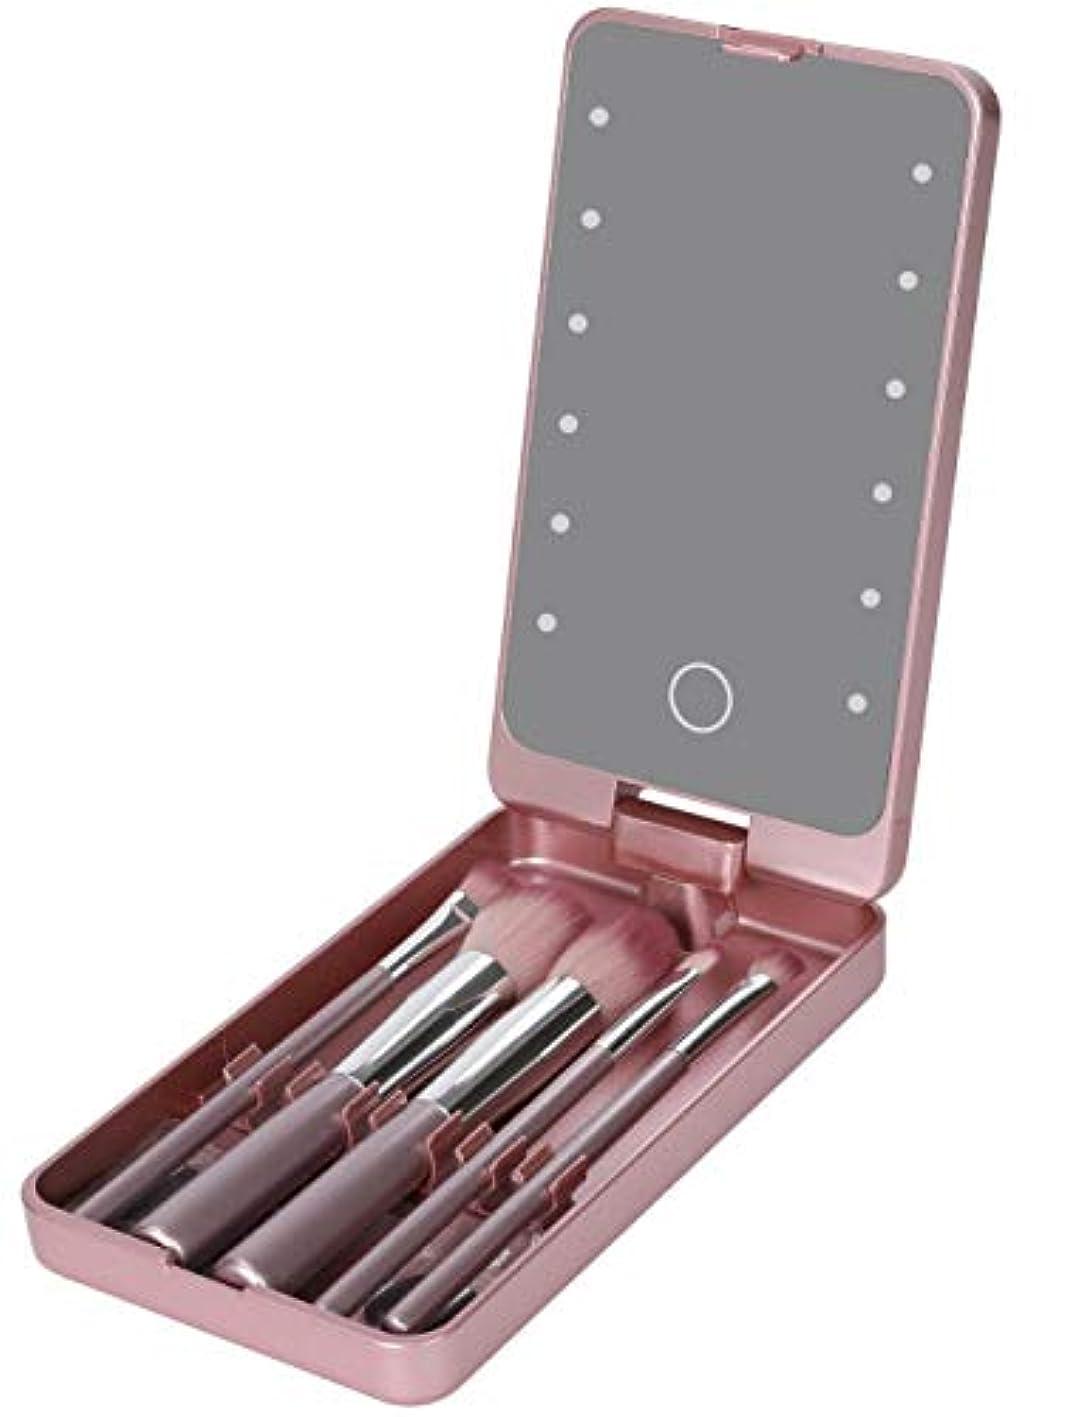 ほとんどない楽しい寛大なLooife 化粧鏡 led ミラー 5化粧ブラシ付き ライト付き女優ミラー 携帯型 (バラの金)